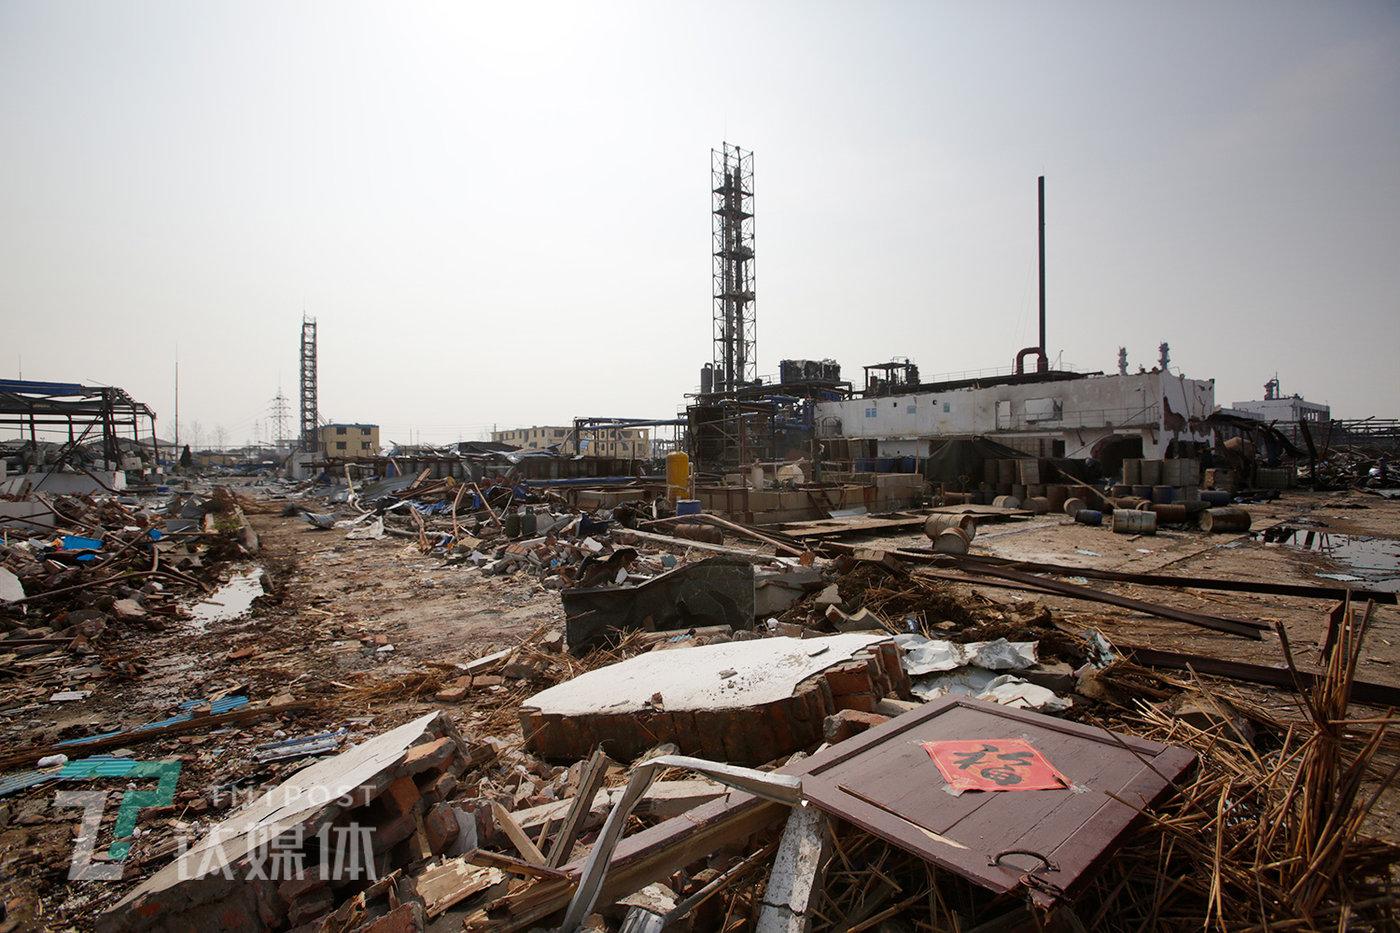 3月24日,江苏省盐城市响水县陈家港镇化工园区,爆炸发生后第三天。